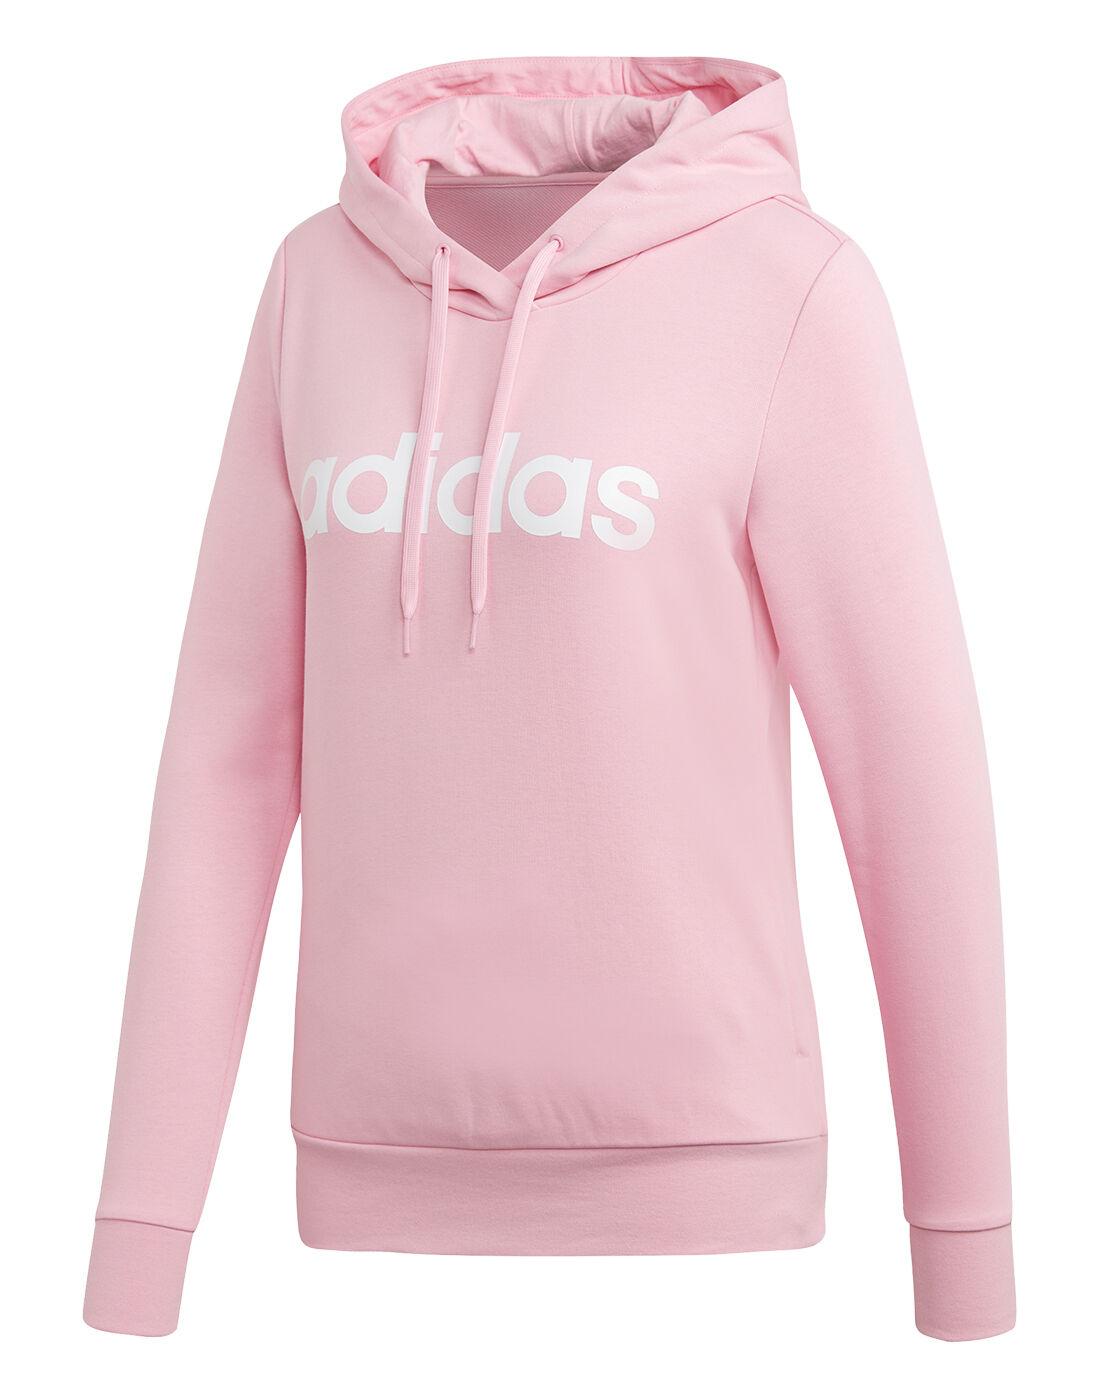 adidas hoodie pink womens